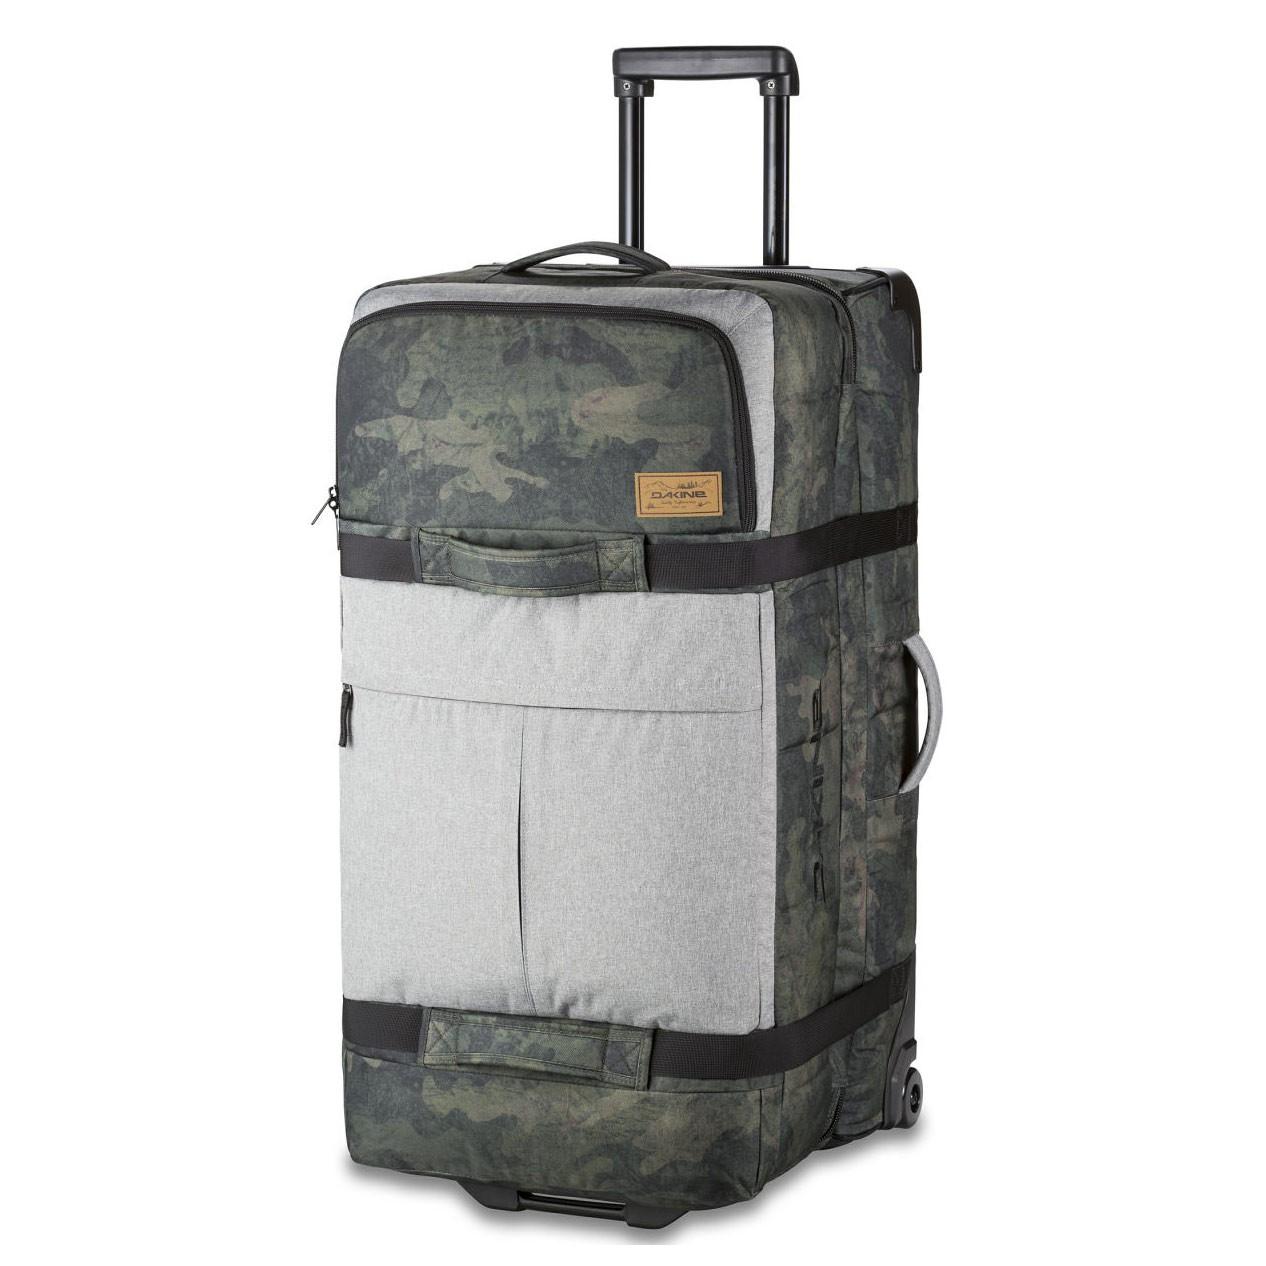 Cestovní taška Dakine Split Roller 100L glisan vel.100L 81×43×33 cm 16 + doručení do 24 hodin